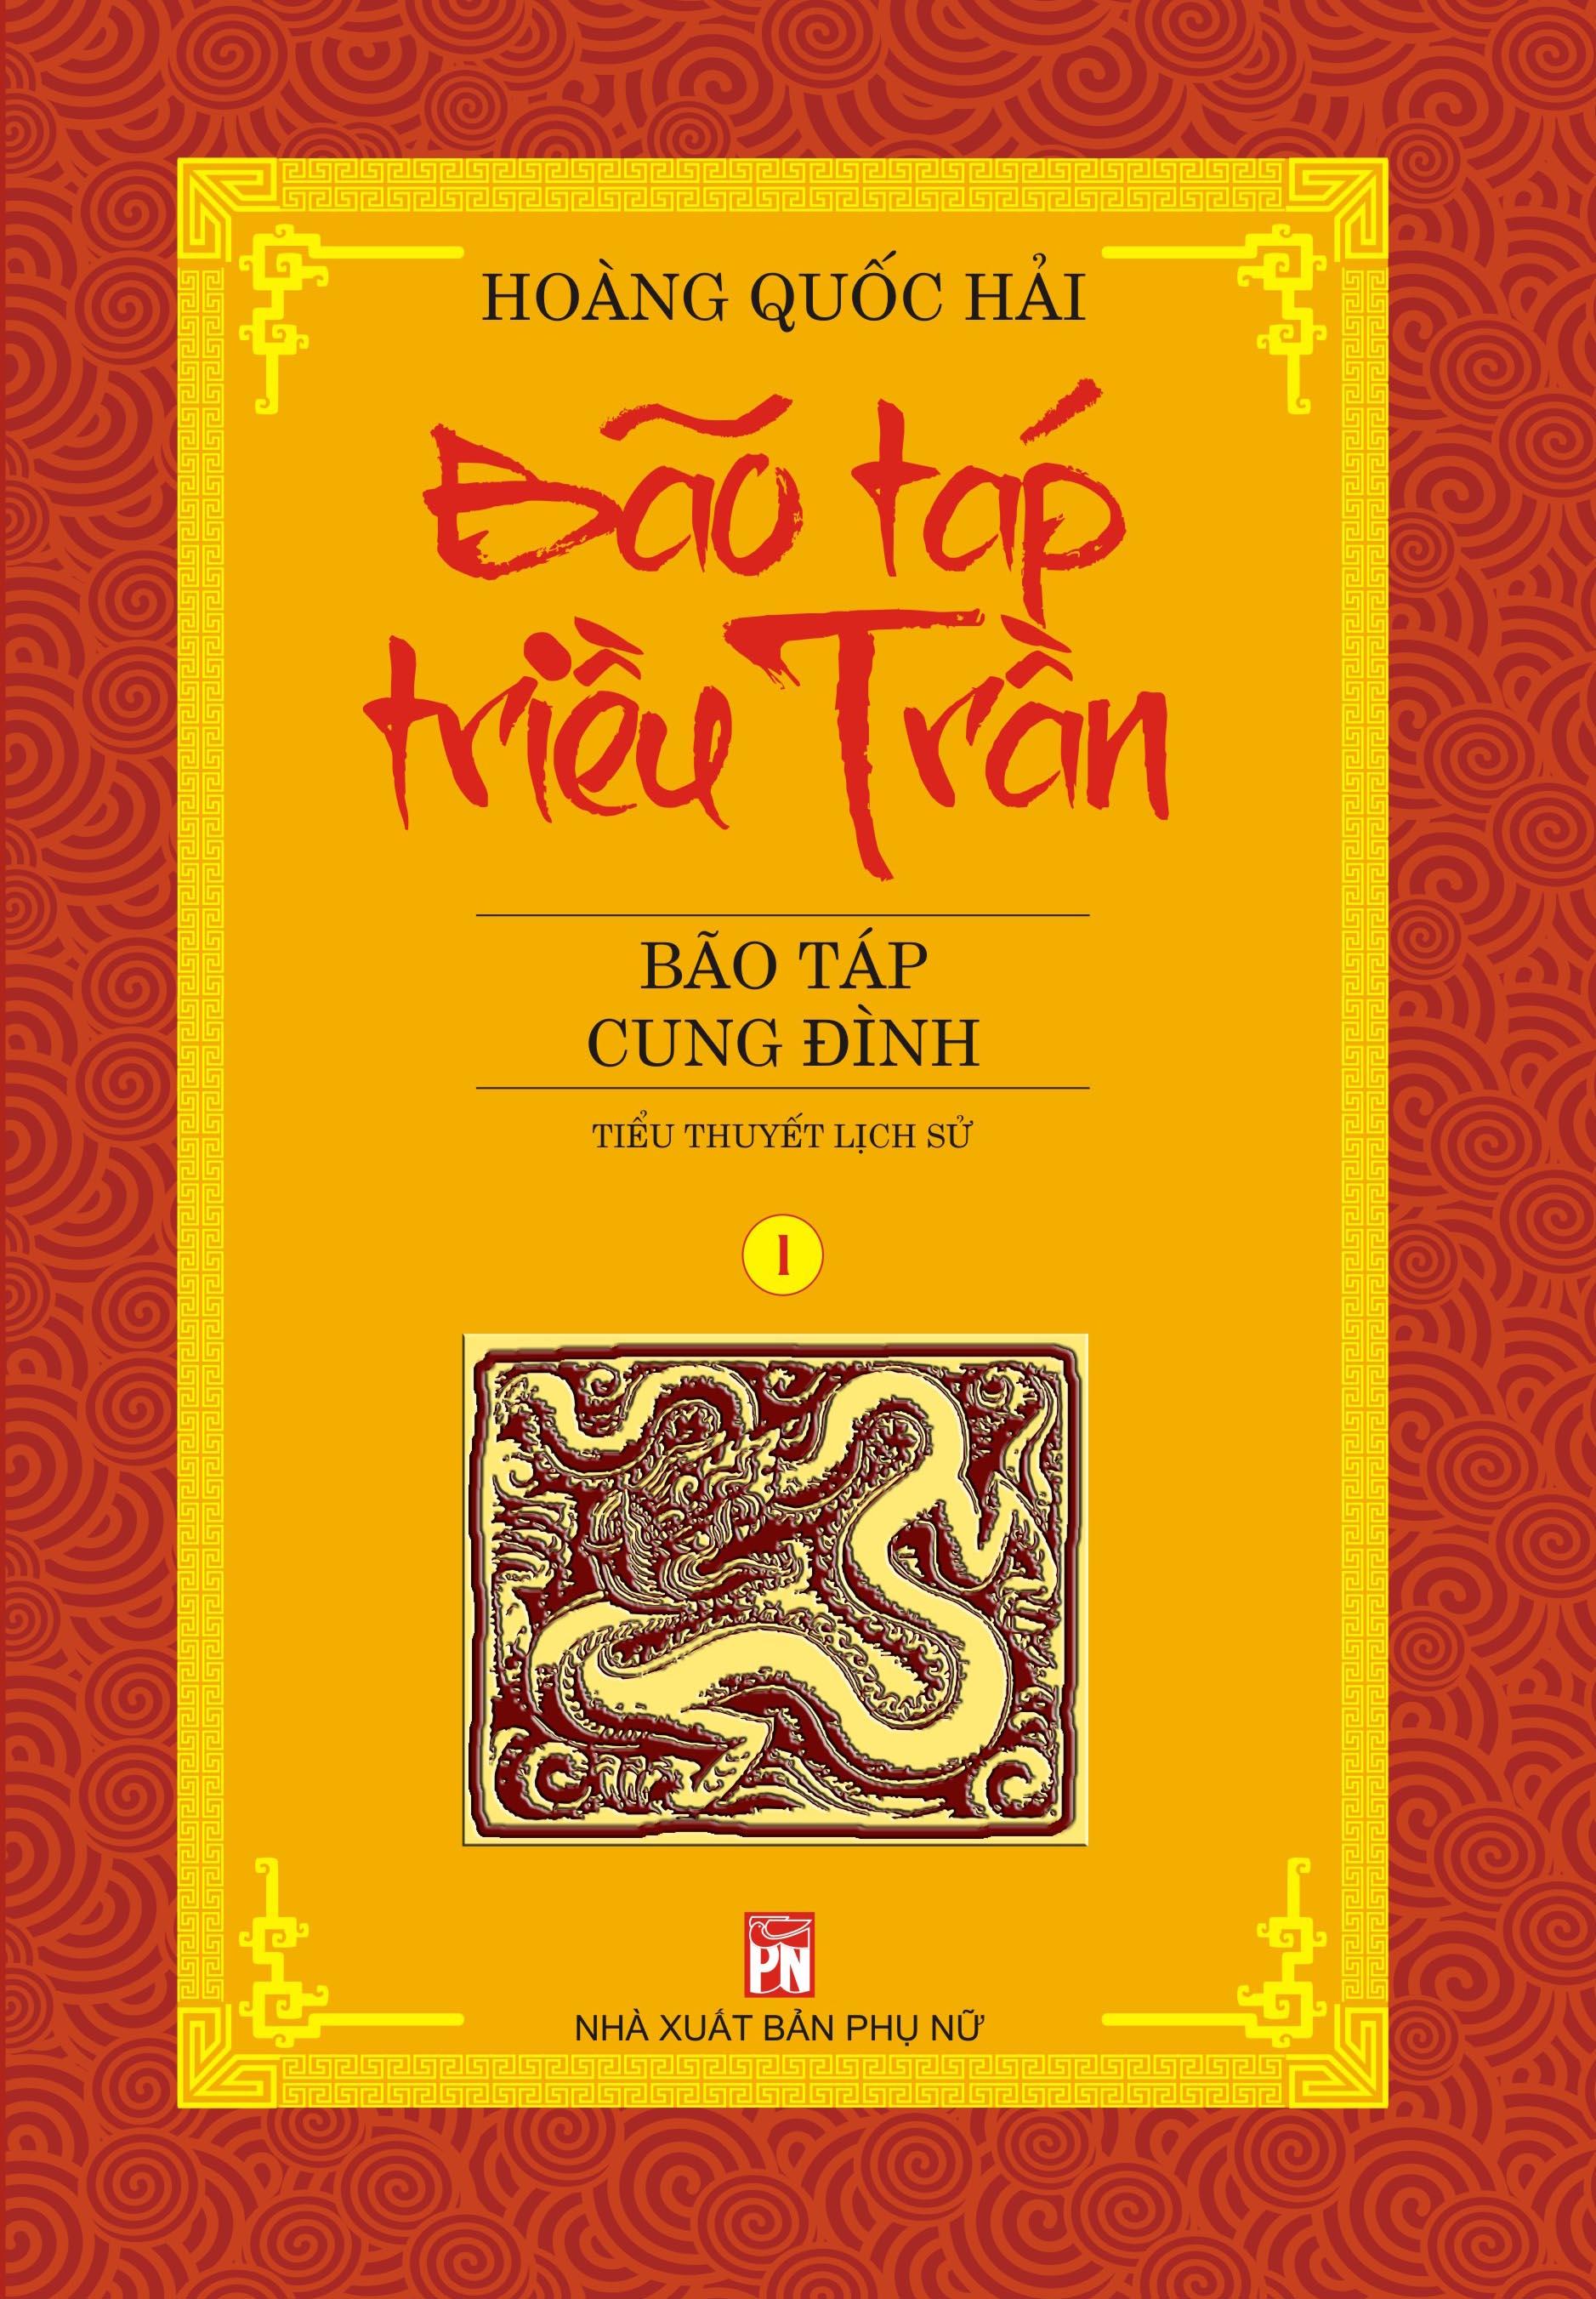 bao-tap-trieu-tran-bao-tap-cung-dinh